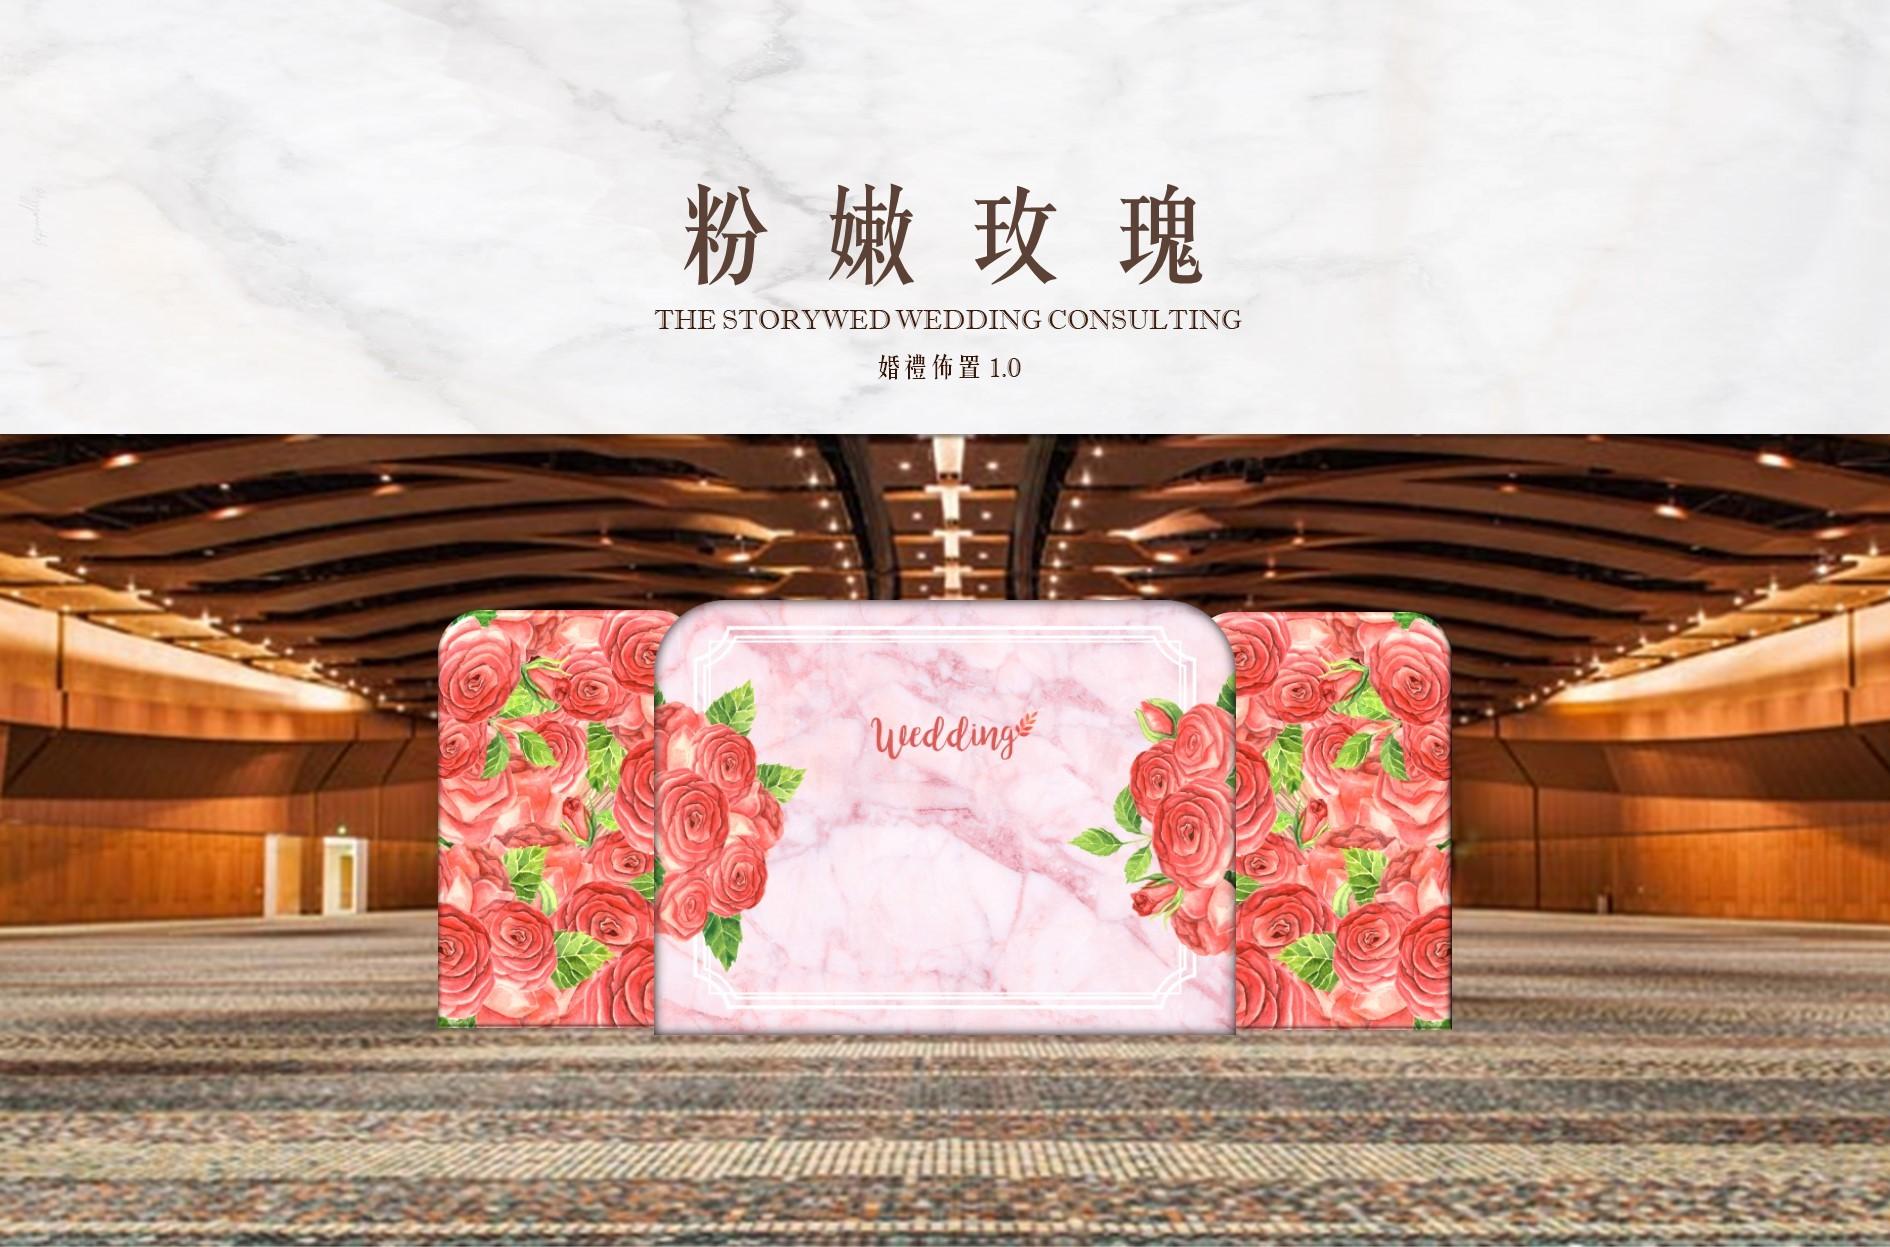 〖婚禮佈置1.0〗粉嫩玫瑰